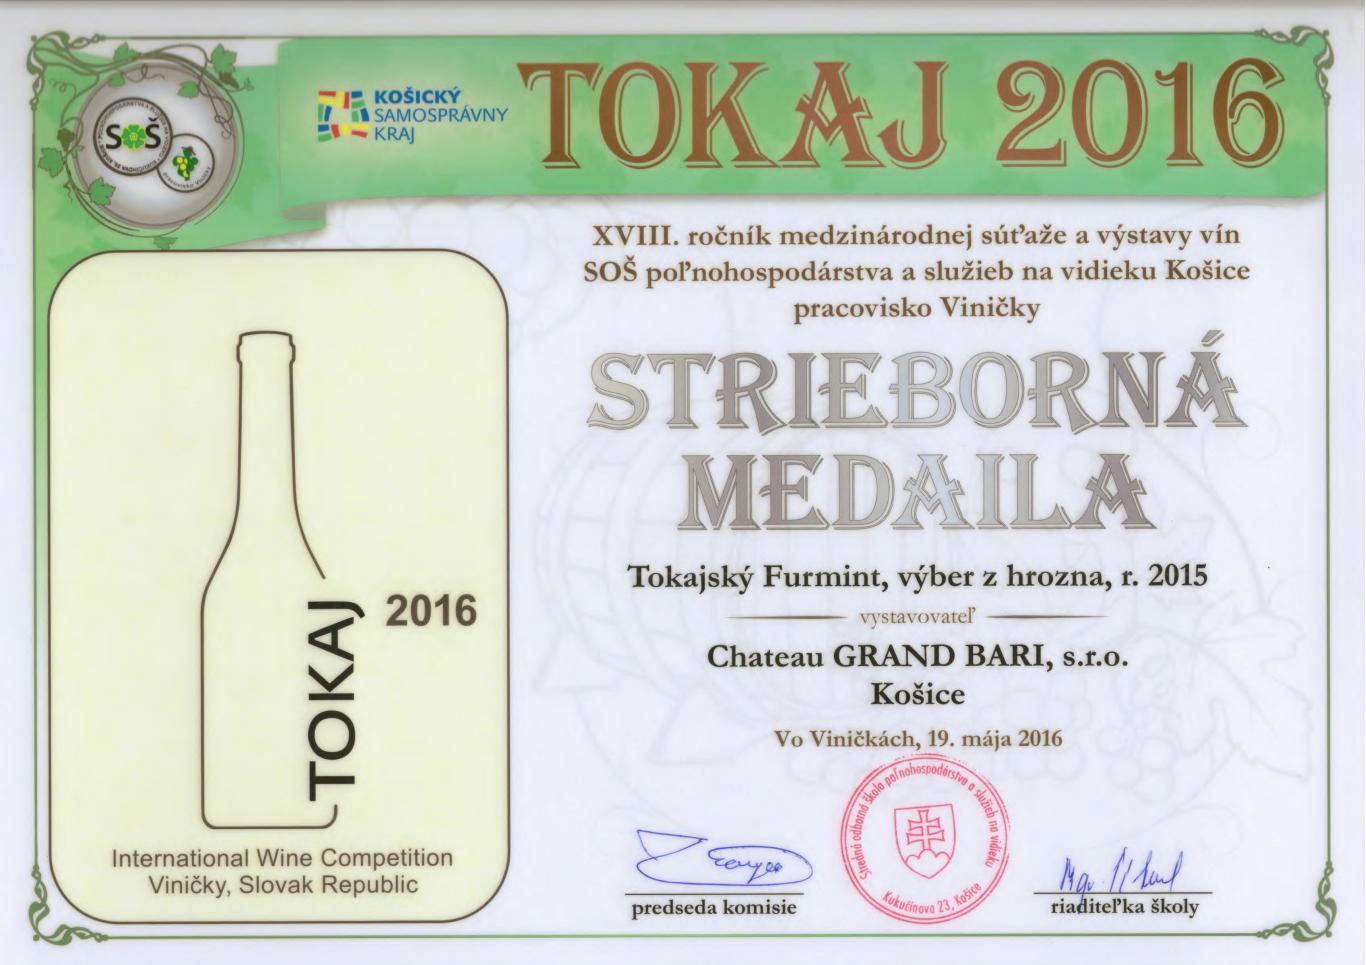 Tokaj Furmint – Furmint, semi-sweet, 2015